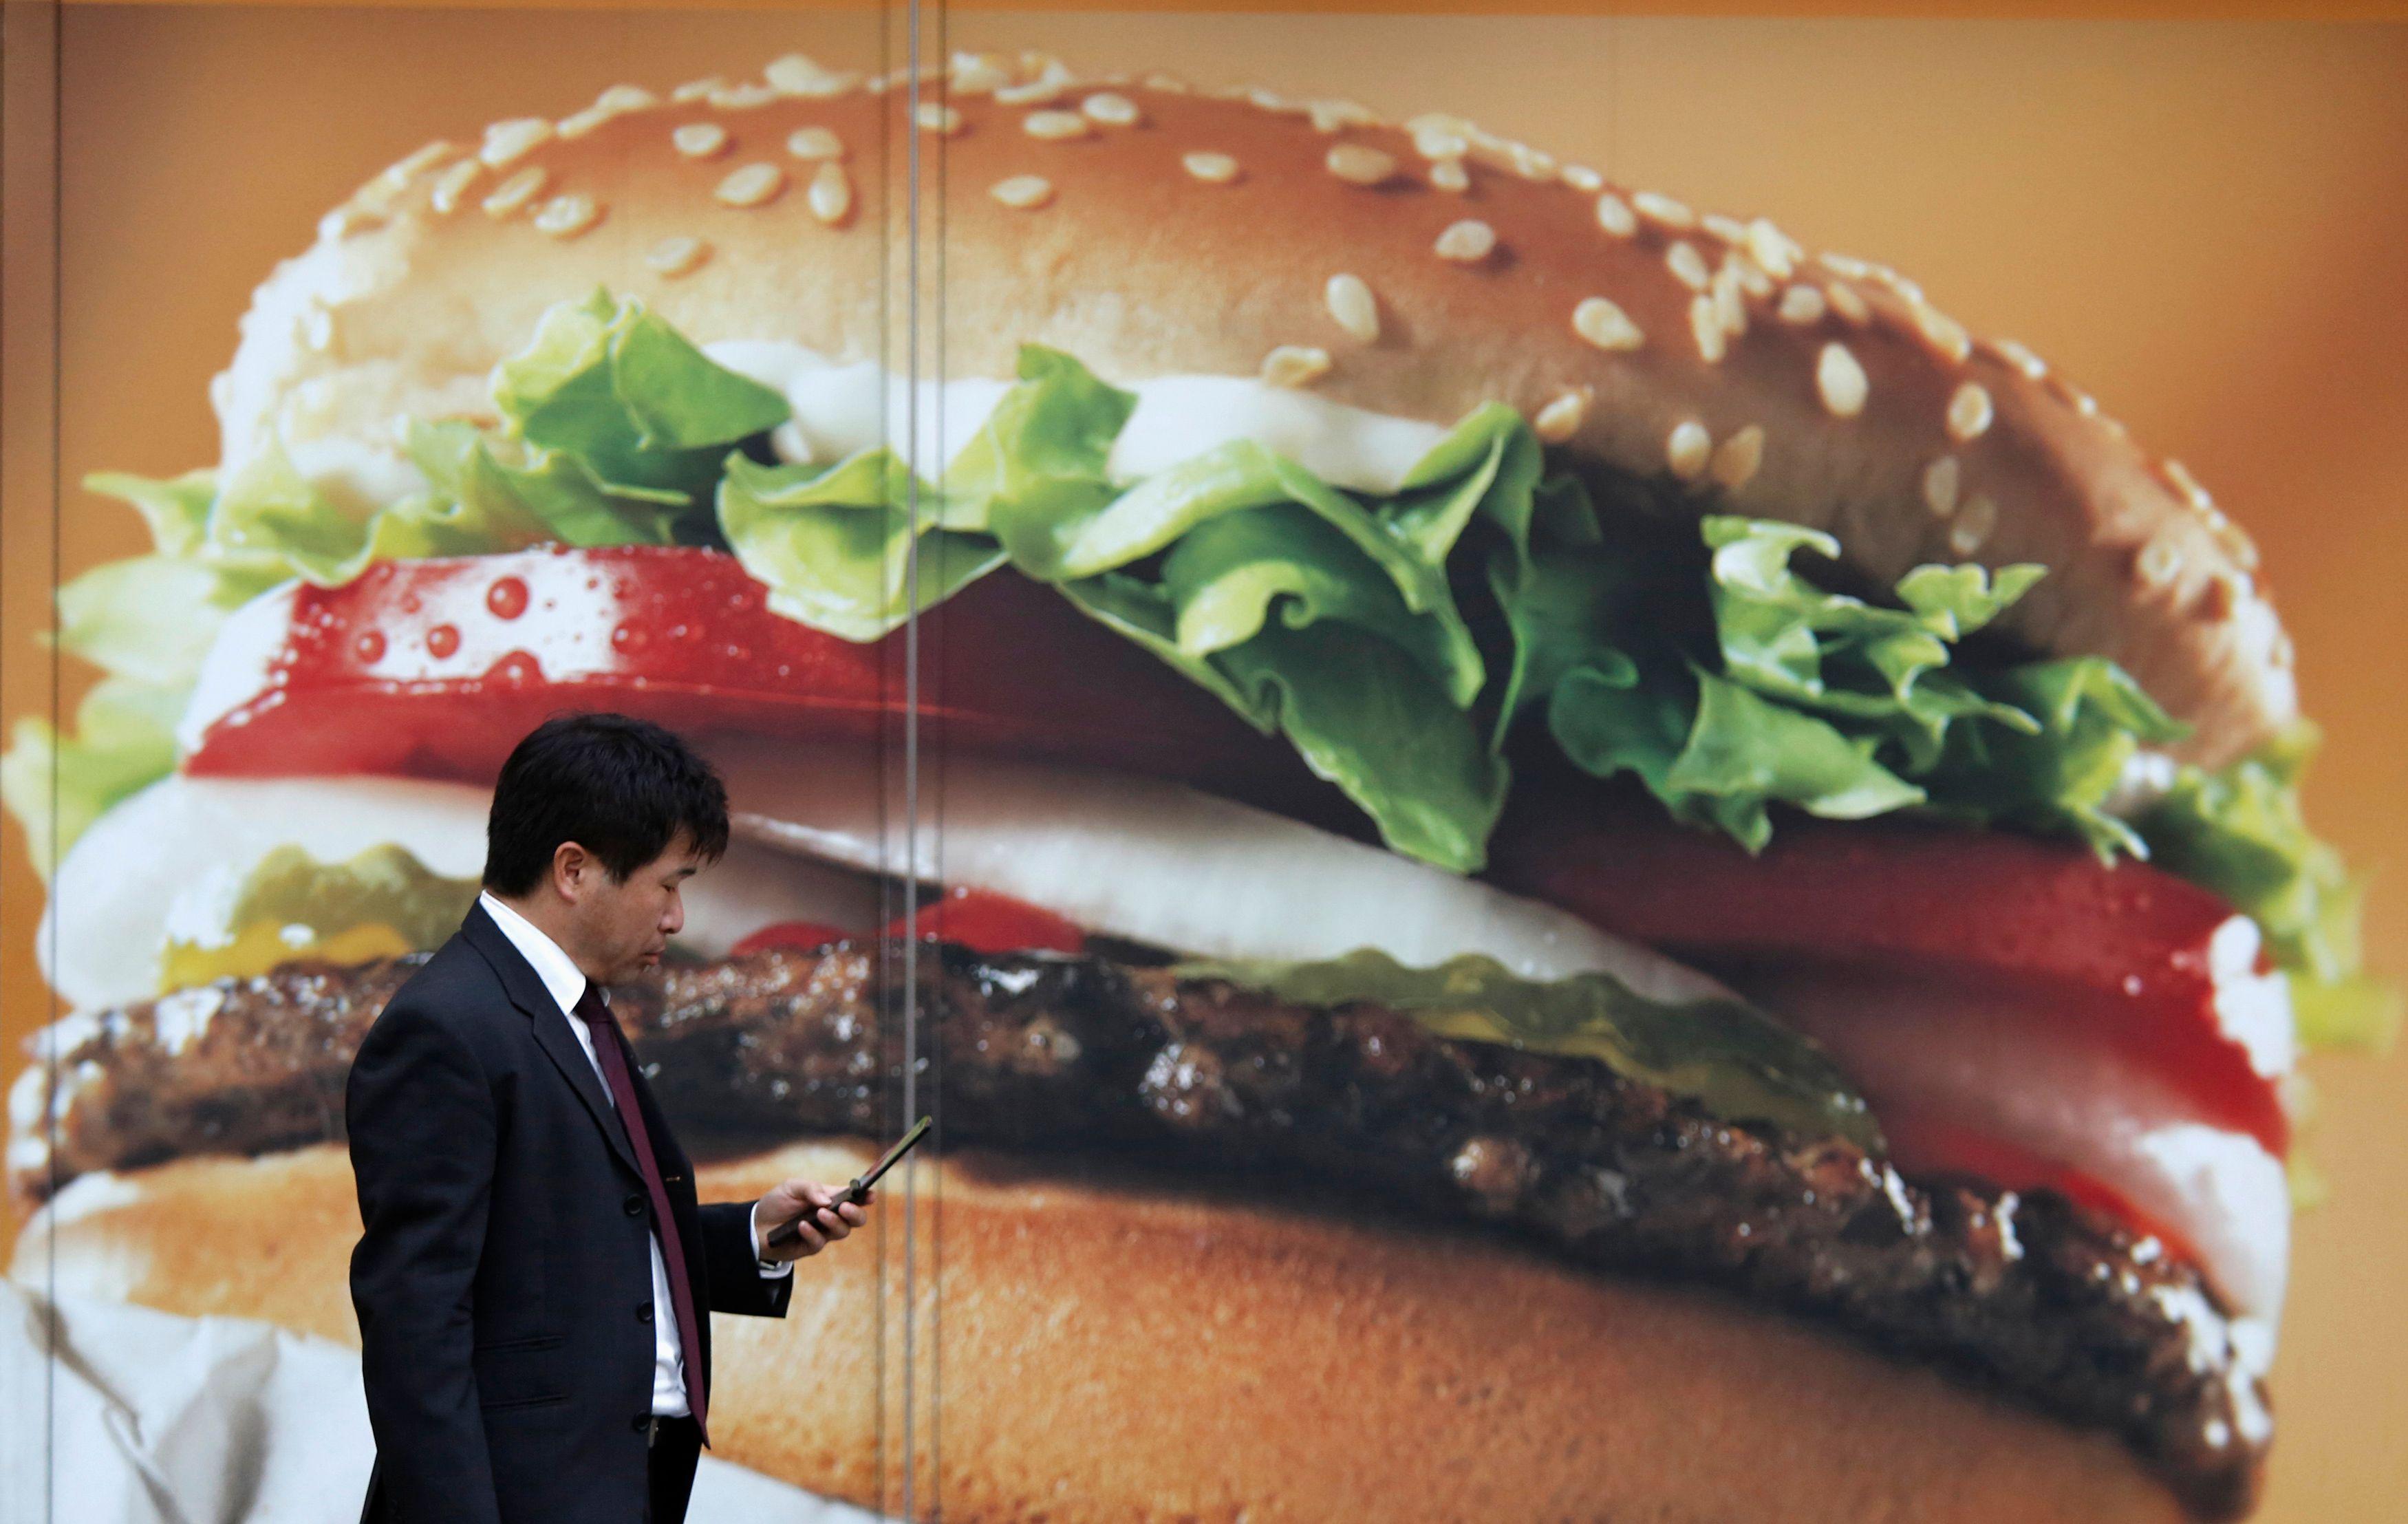 Les pièges de la junk food : comment la malbouffe parvient à tromper le cerveau sur la quantité de nourriture avalée